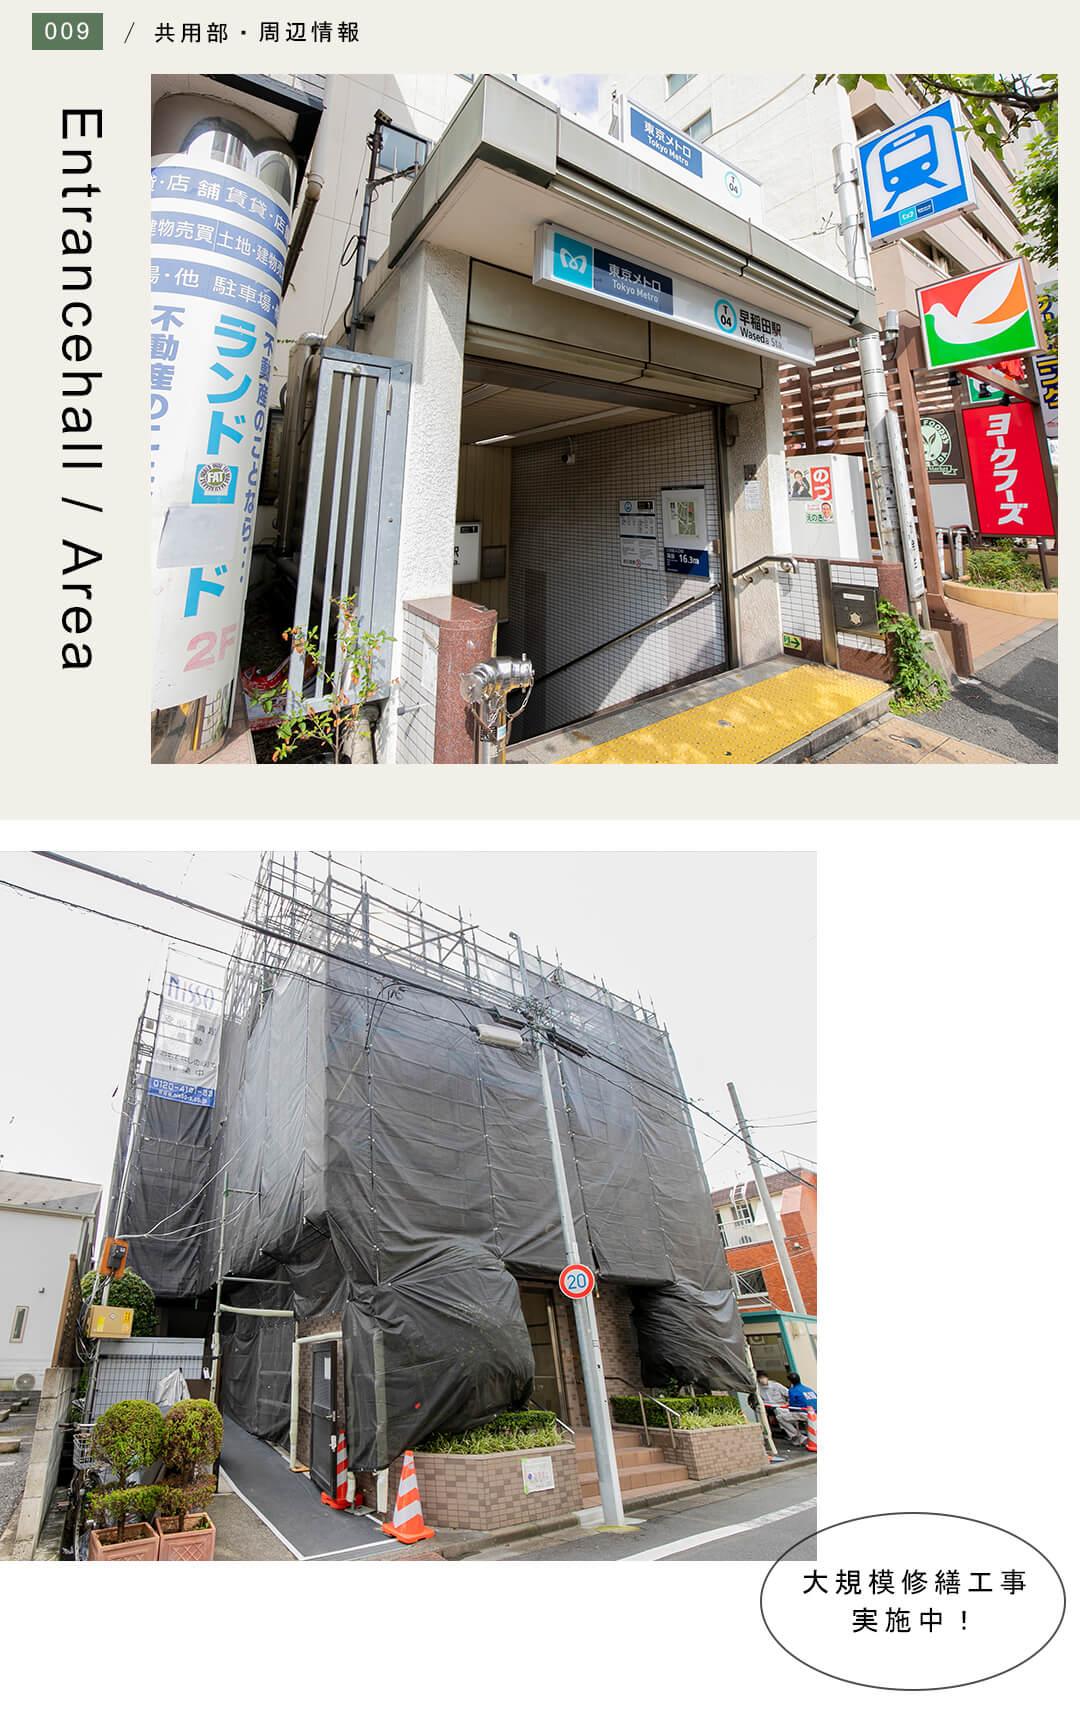 ガーデンホーム早稲田の外観と周辺情報